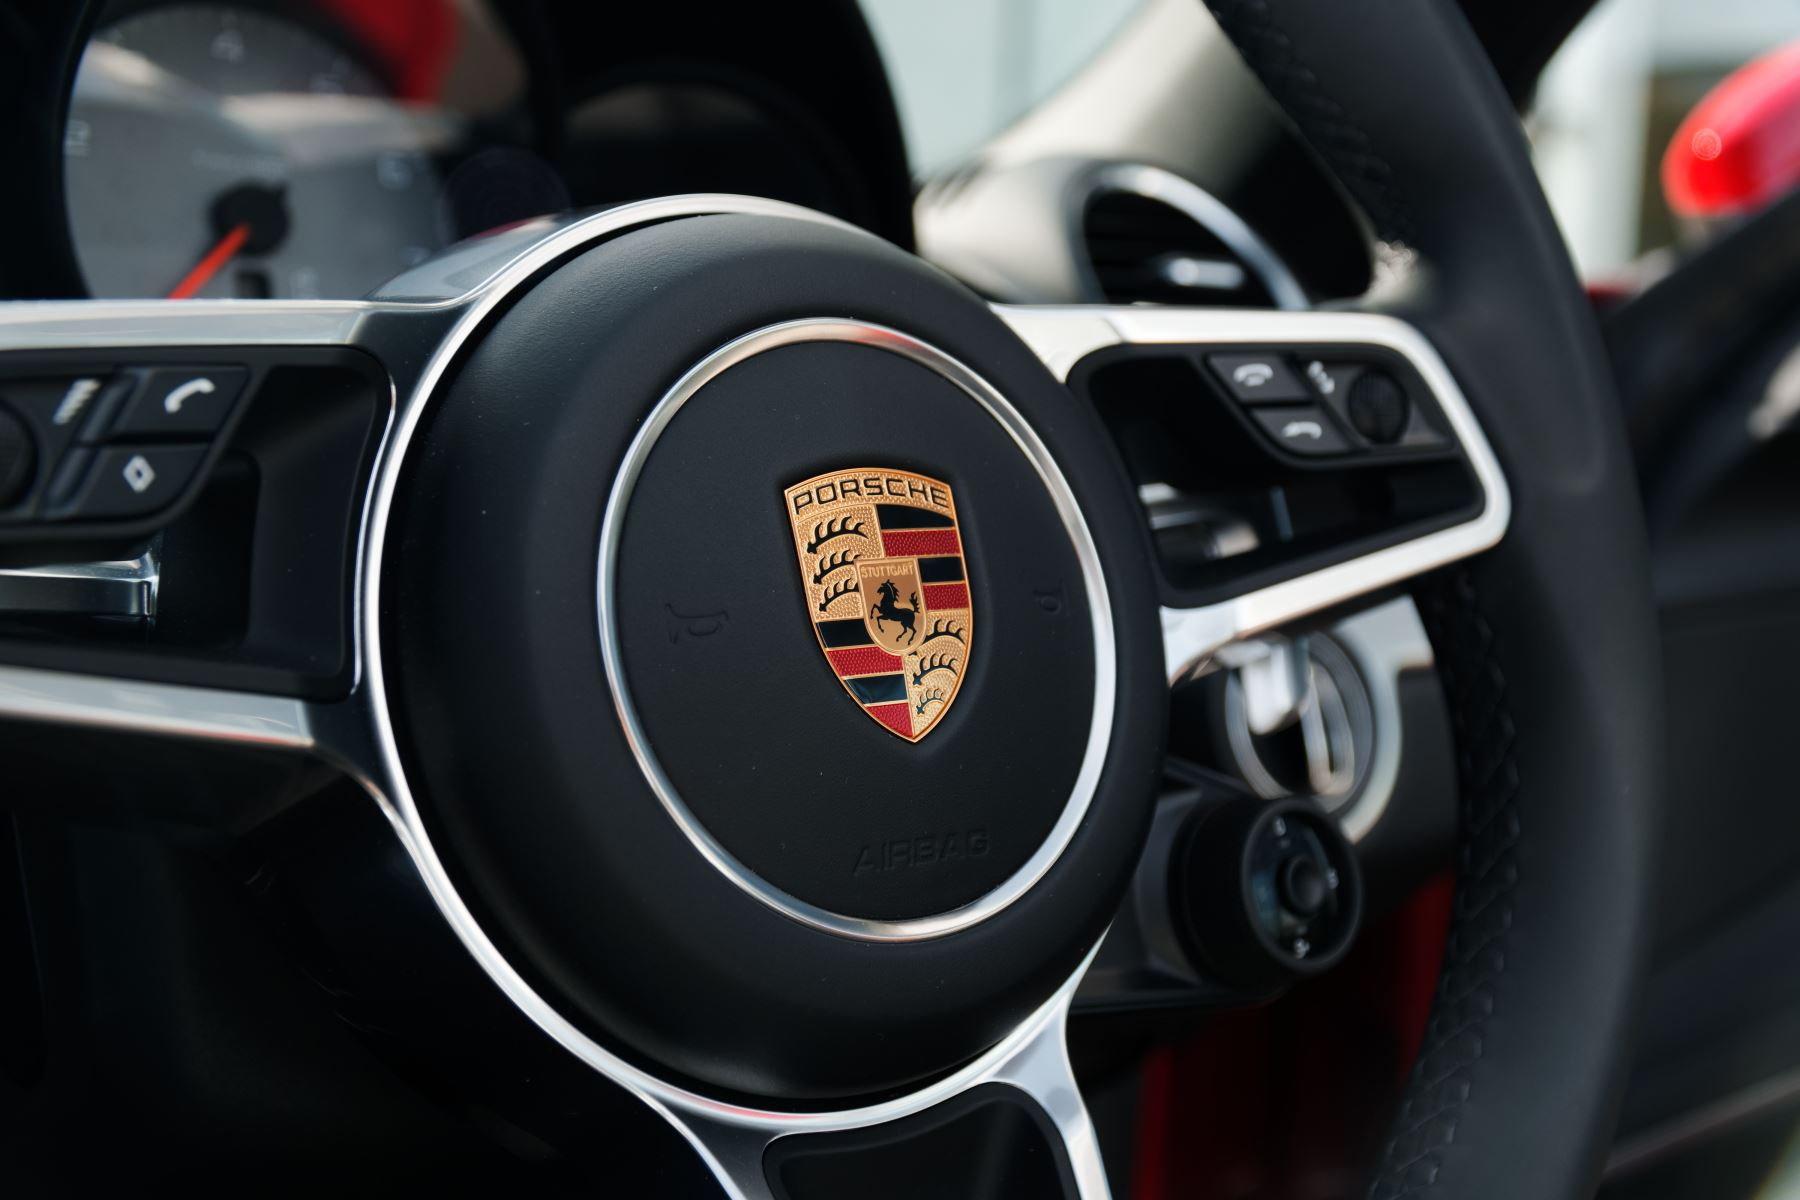 Porsche Boxster S image 31